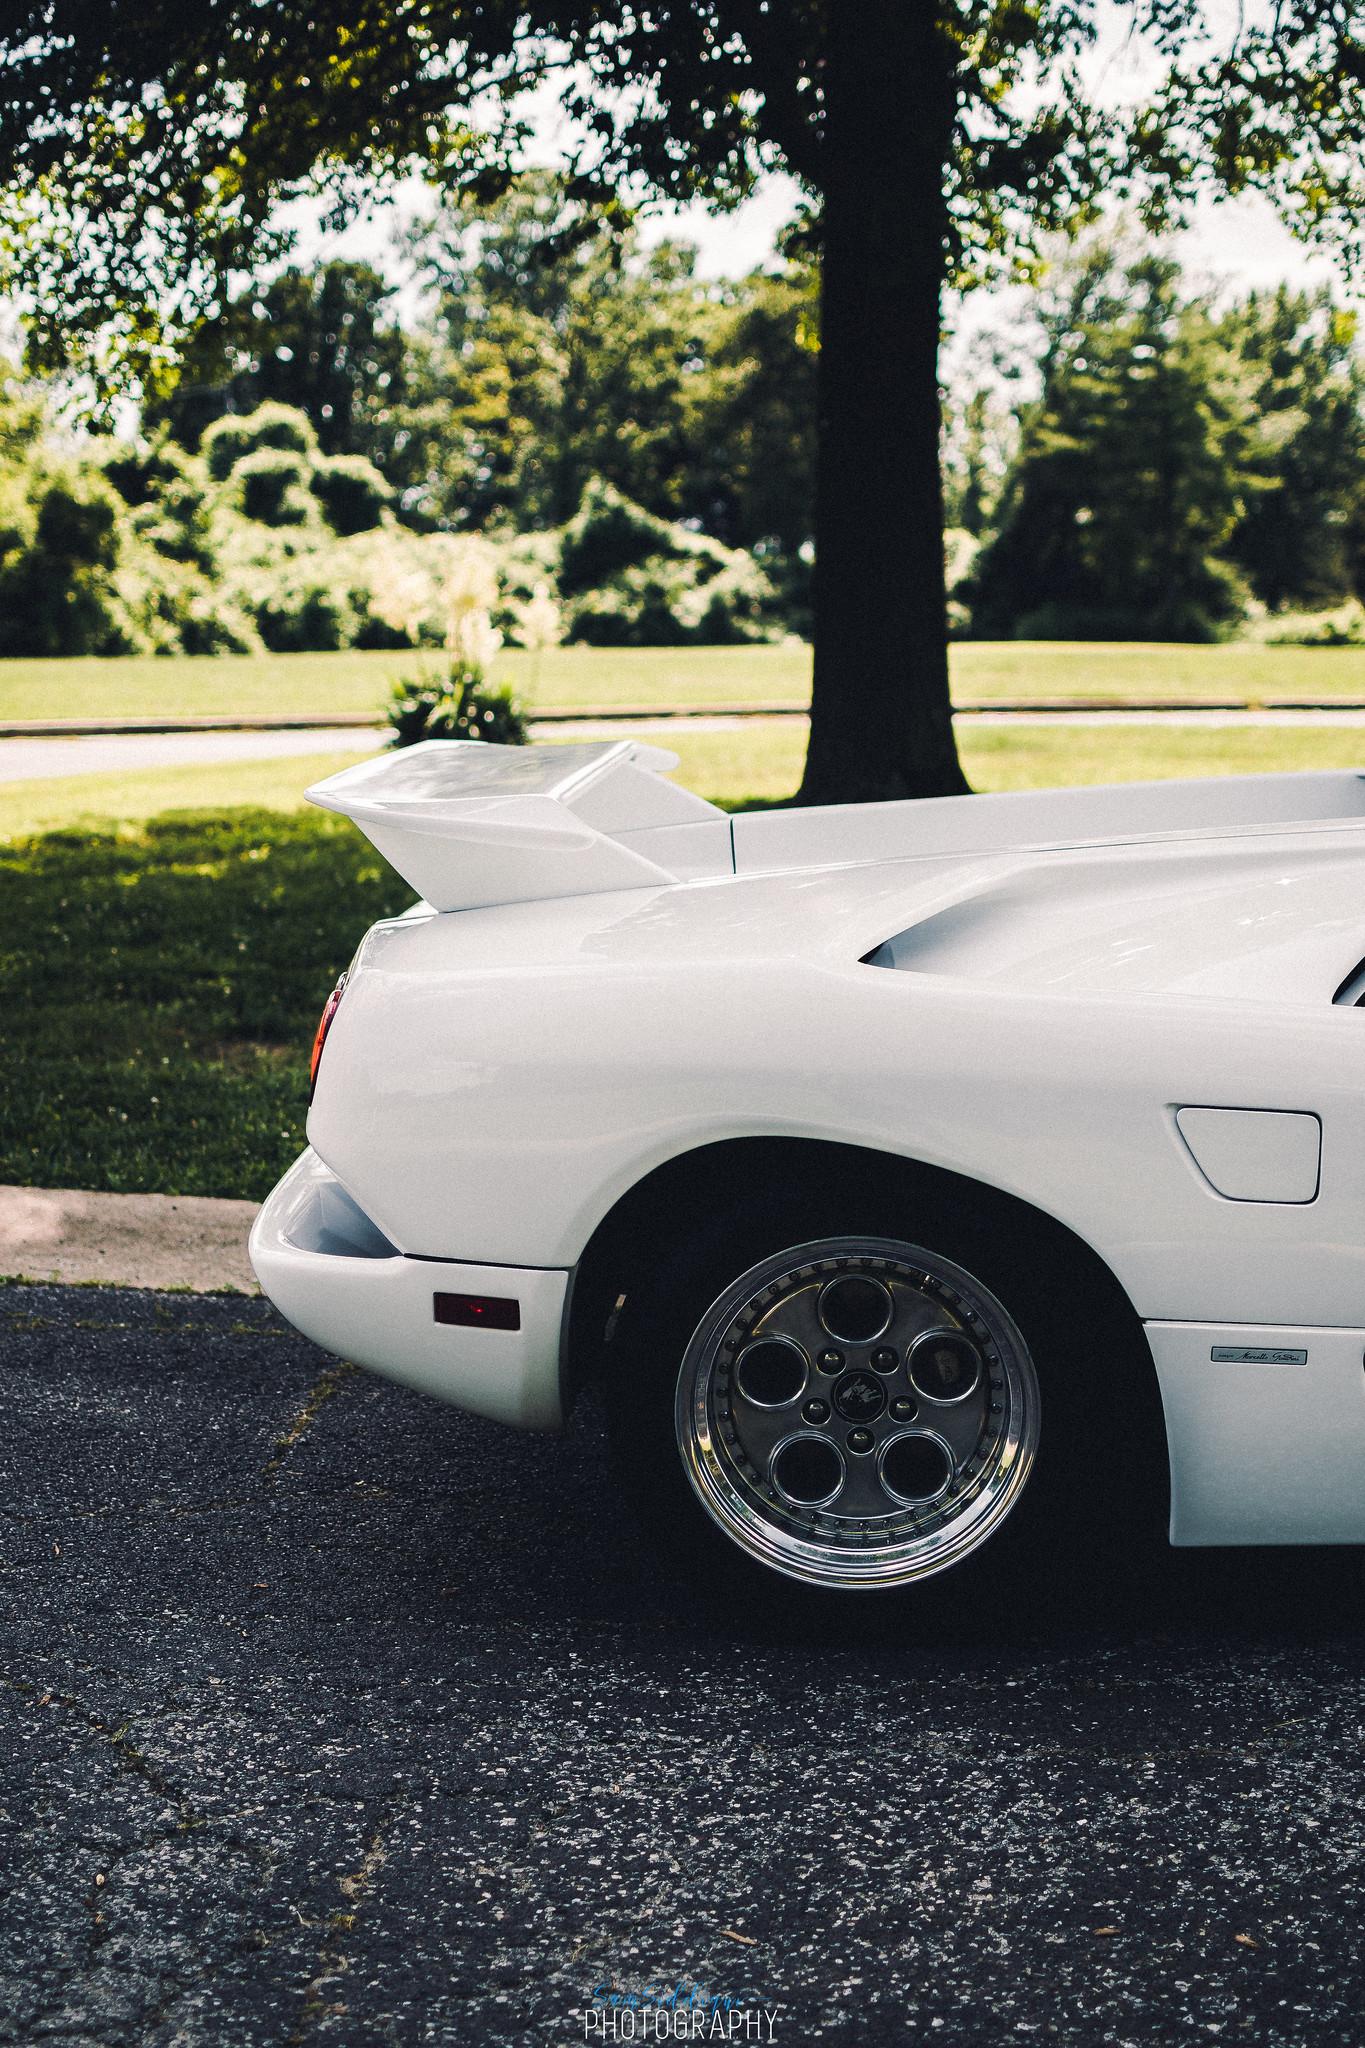 1991 White Lamborghini Diablo Back